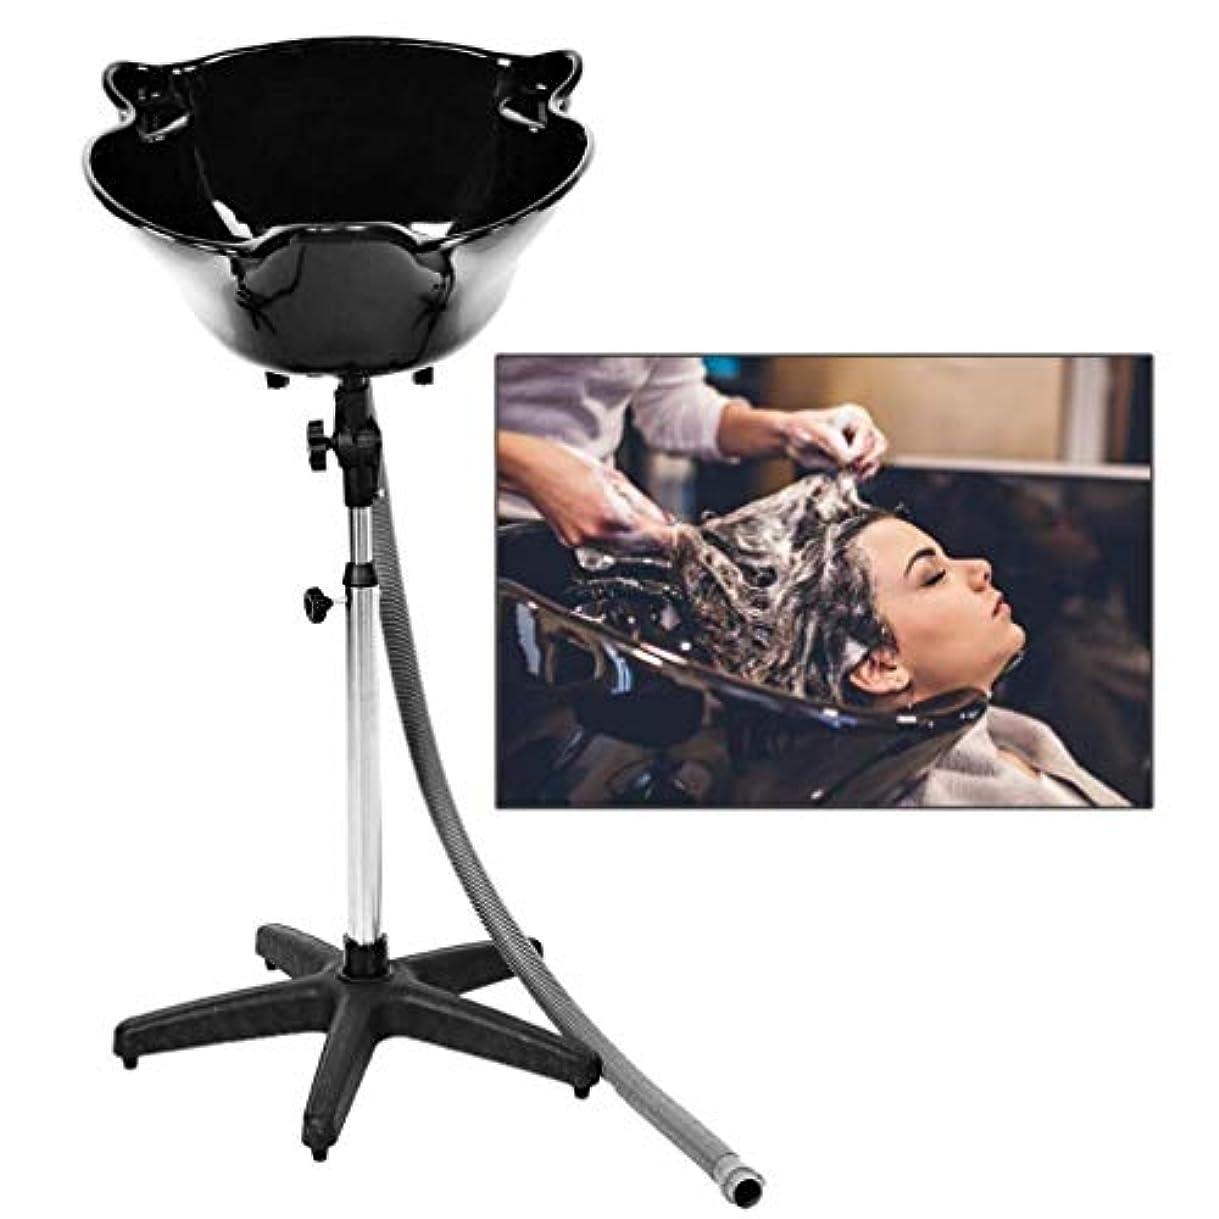 貧困バーポータル携帯用鉱泉の毛のシャンプーボール、排水管のシャンプーの流しの美容院装置が付いている調節可能な高さの流しの洗面器(#210)